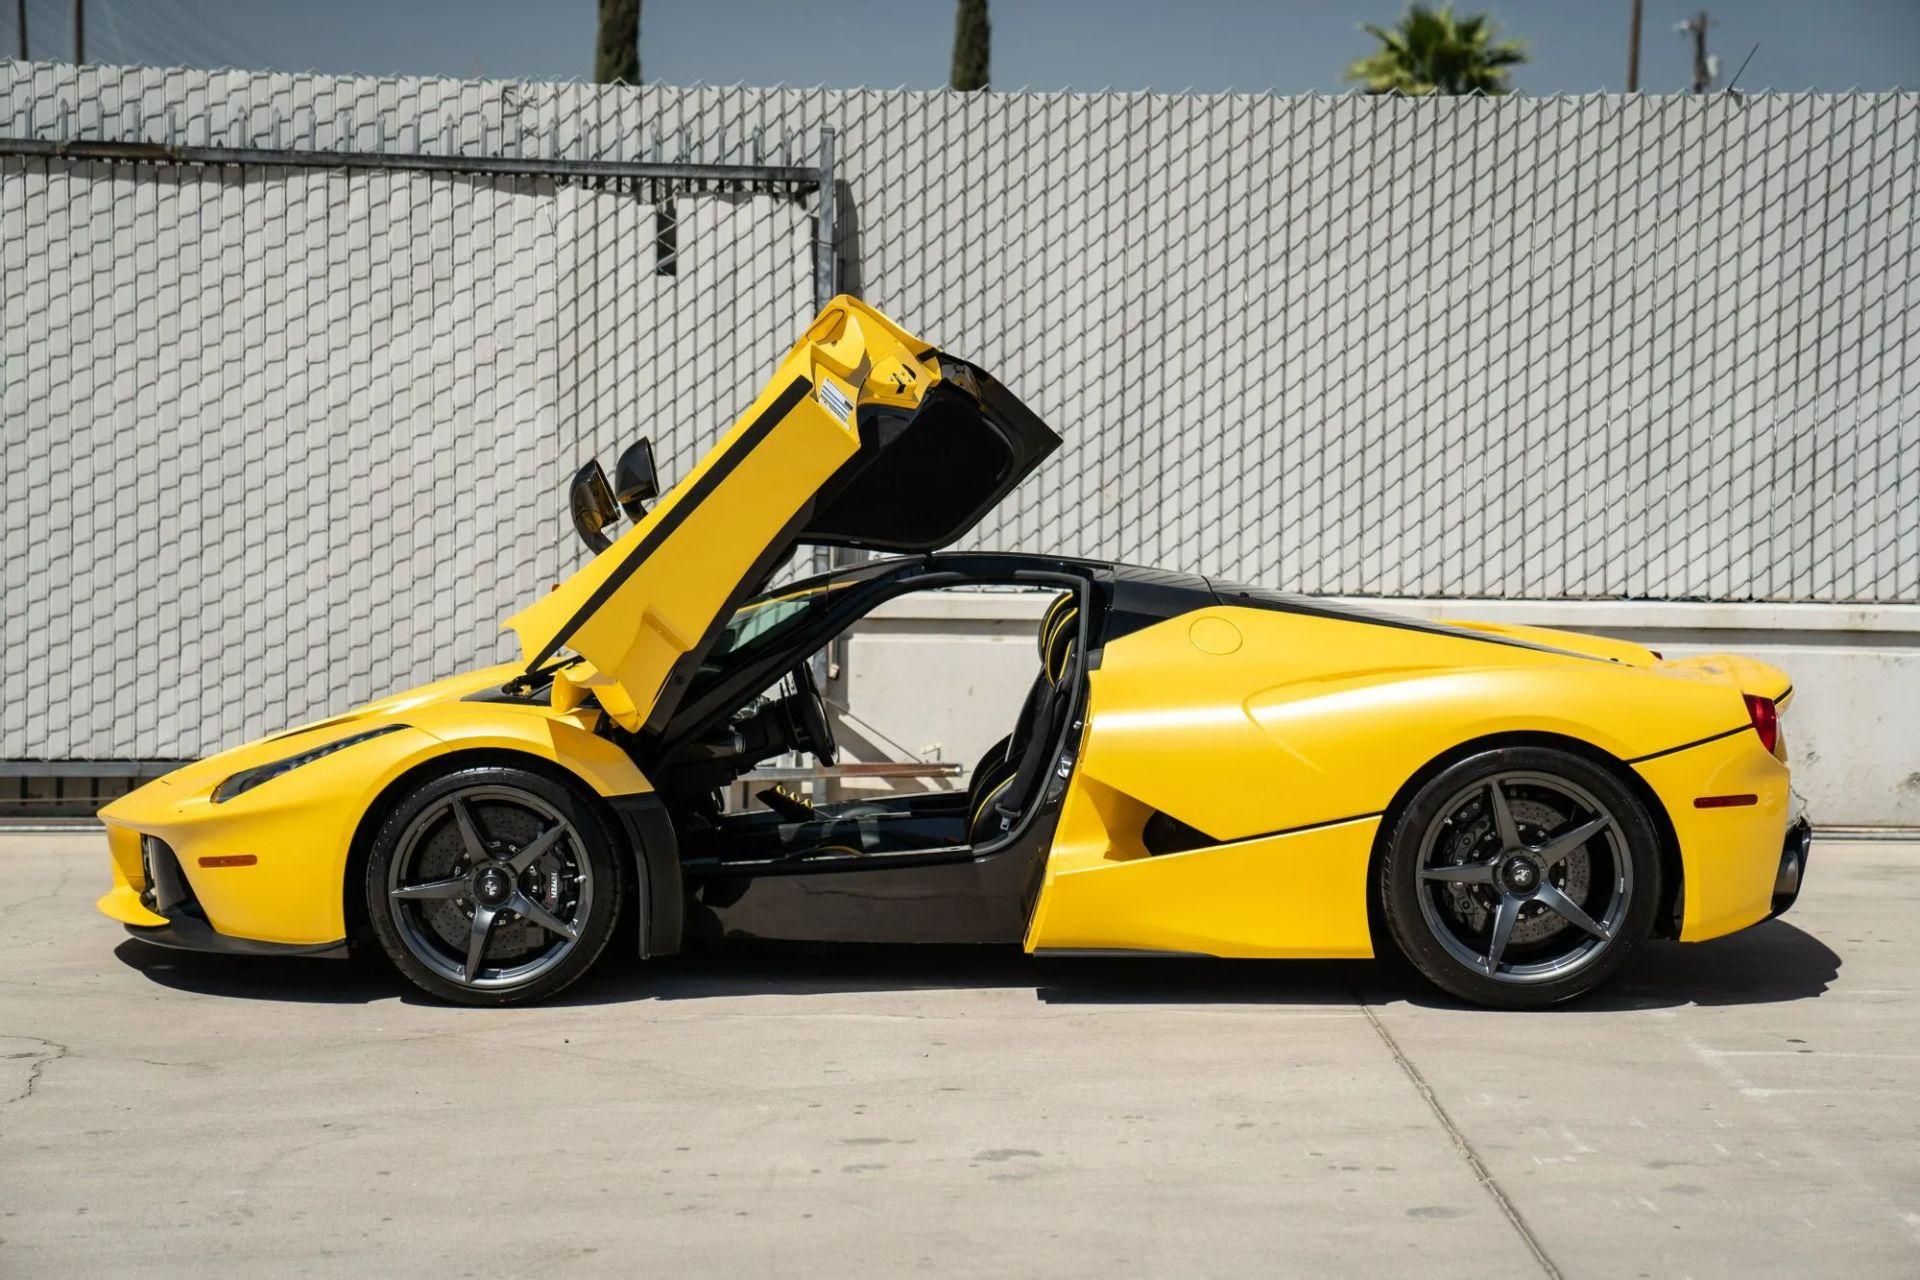 2015-La-Ferrari-Giallo-Triplo-Strato-3